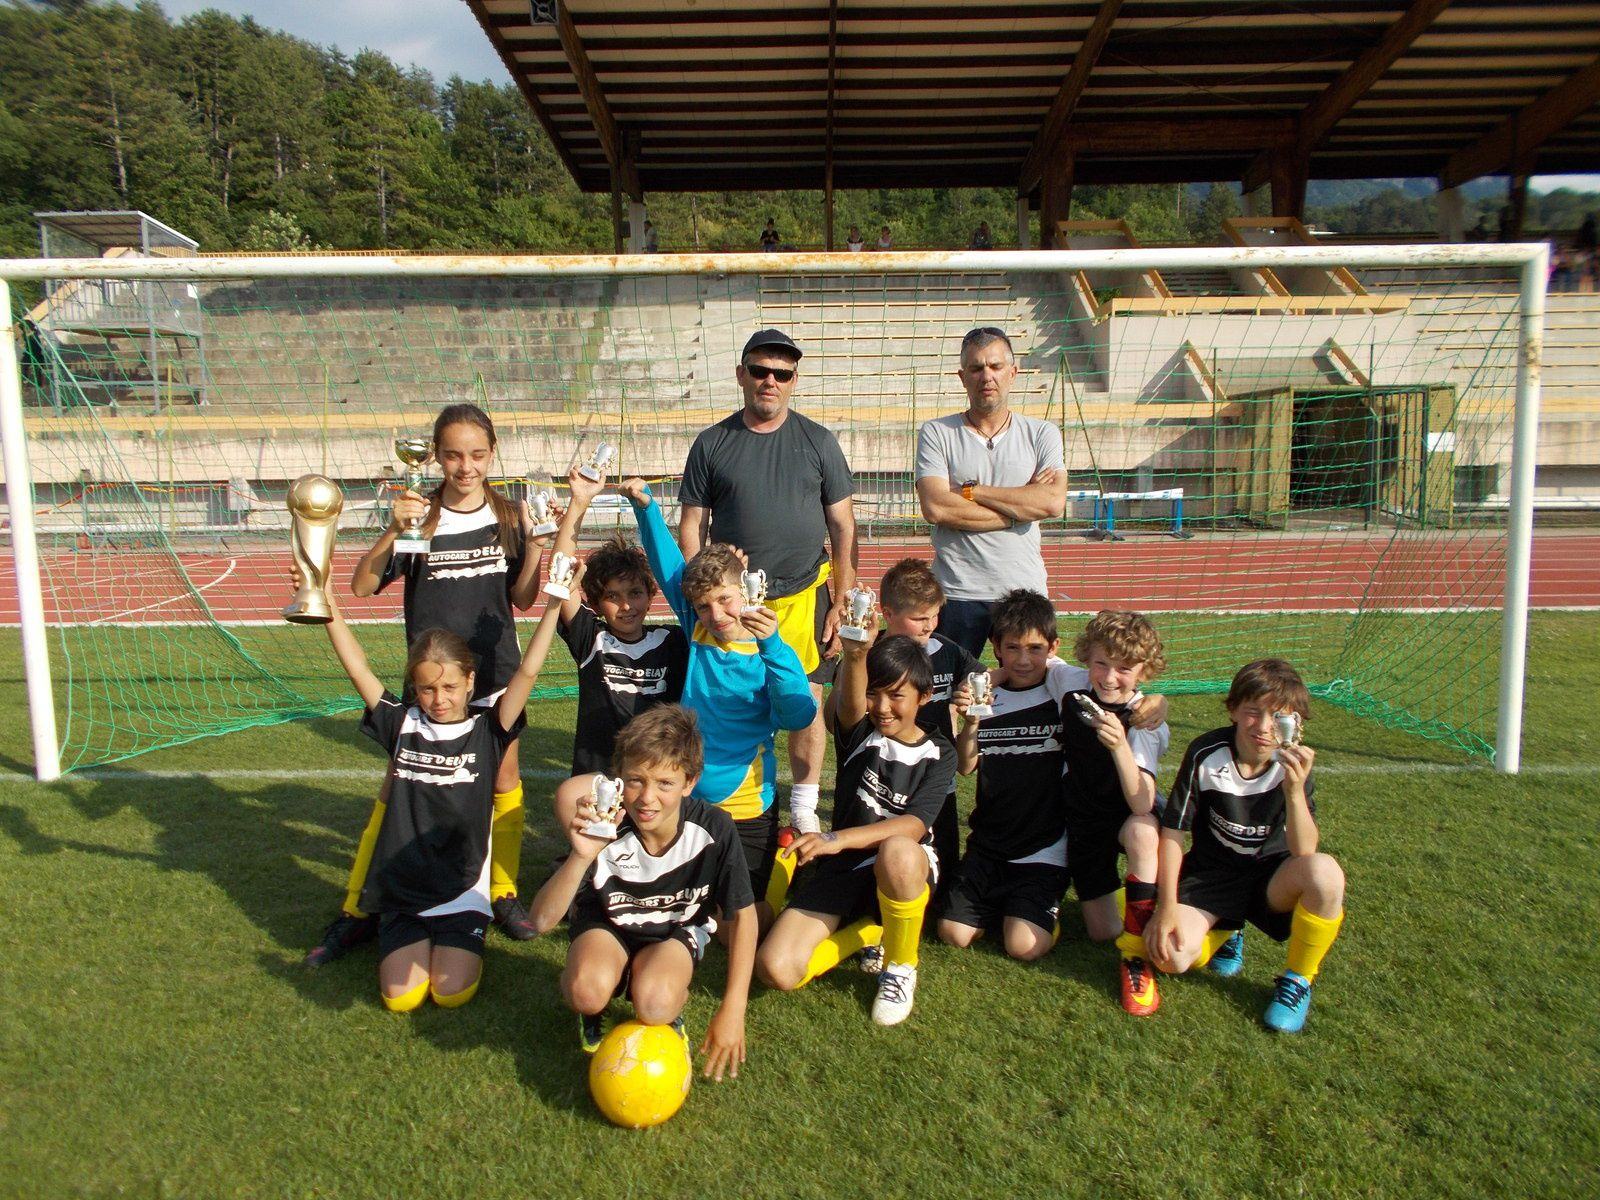 Les jeunes Footballeurs de Barrême et alentour  au  Tournoi de foot à Digne